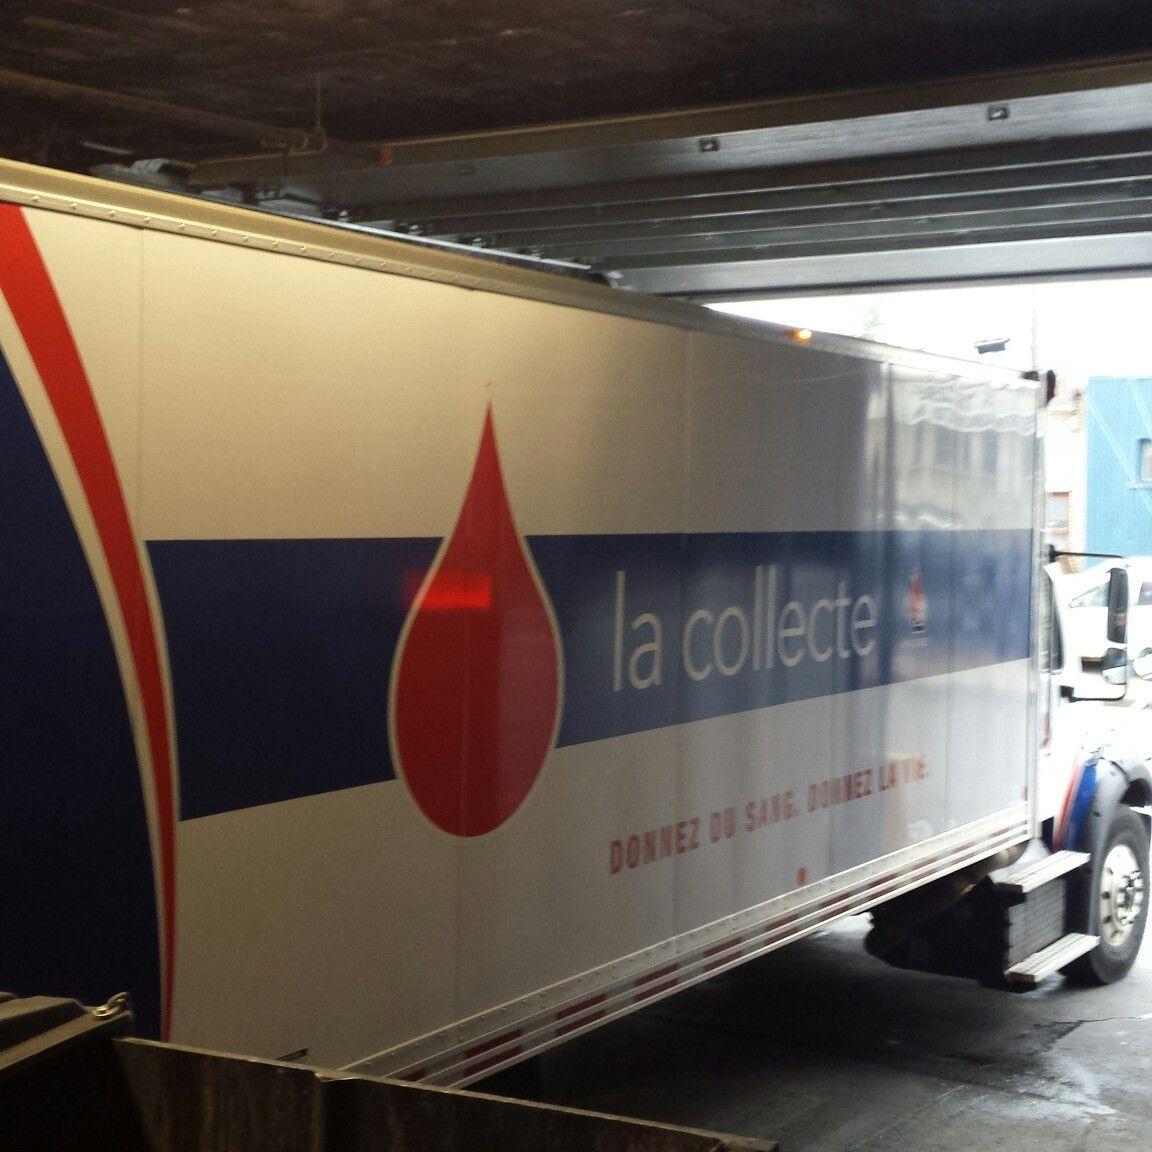 Une belle collecte de sang!